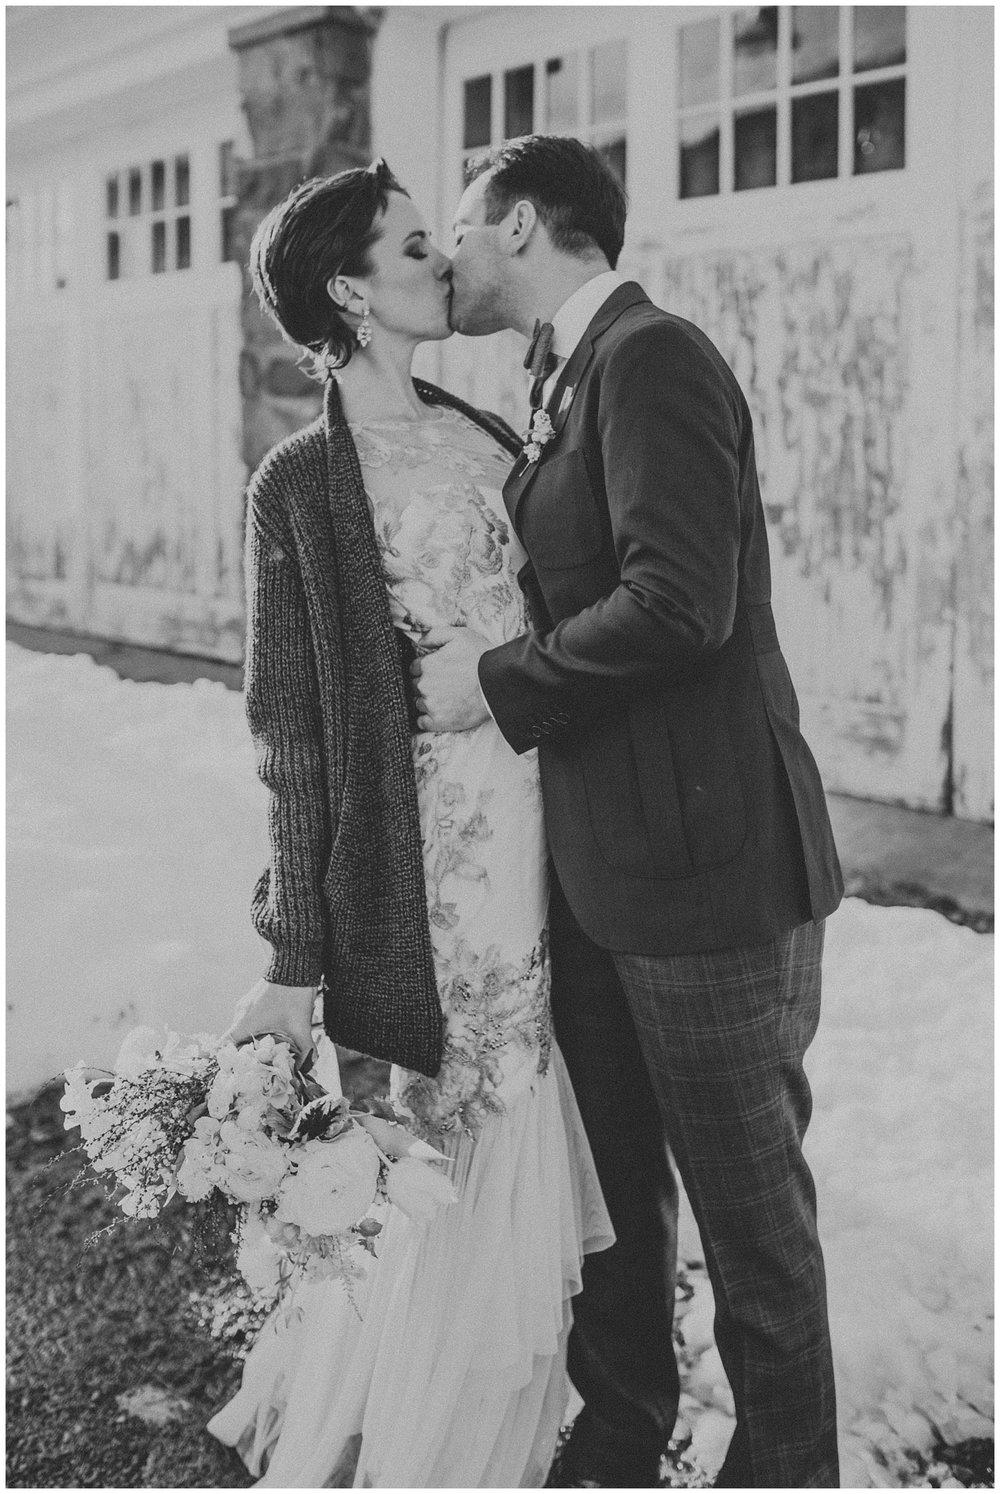 Pocono Winter Wedding with Bride and Groom_0201.jpg